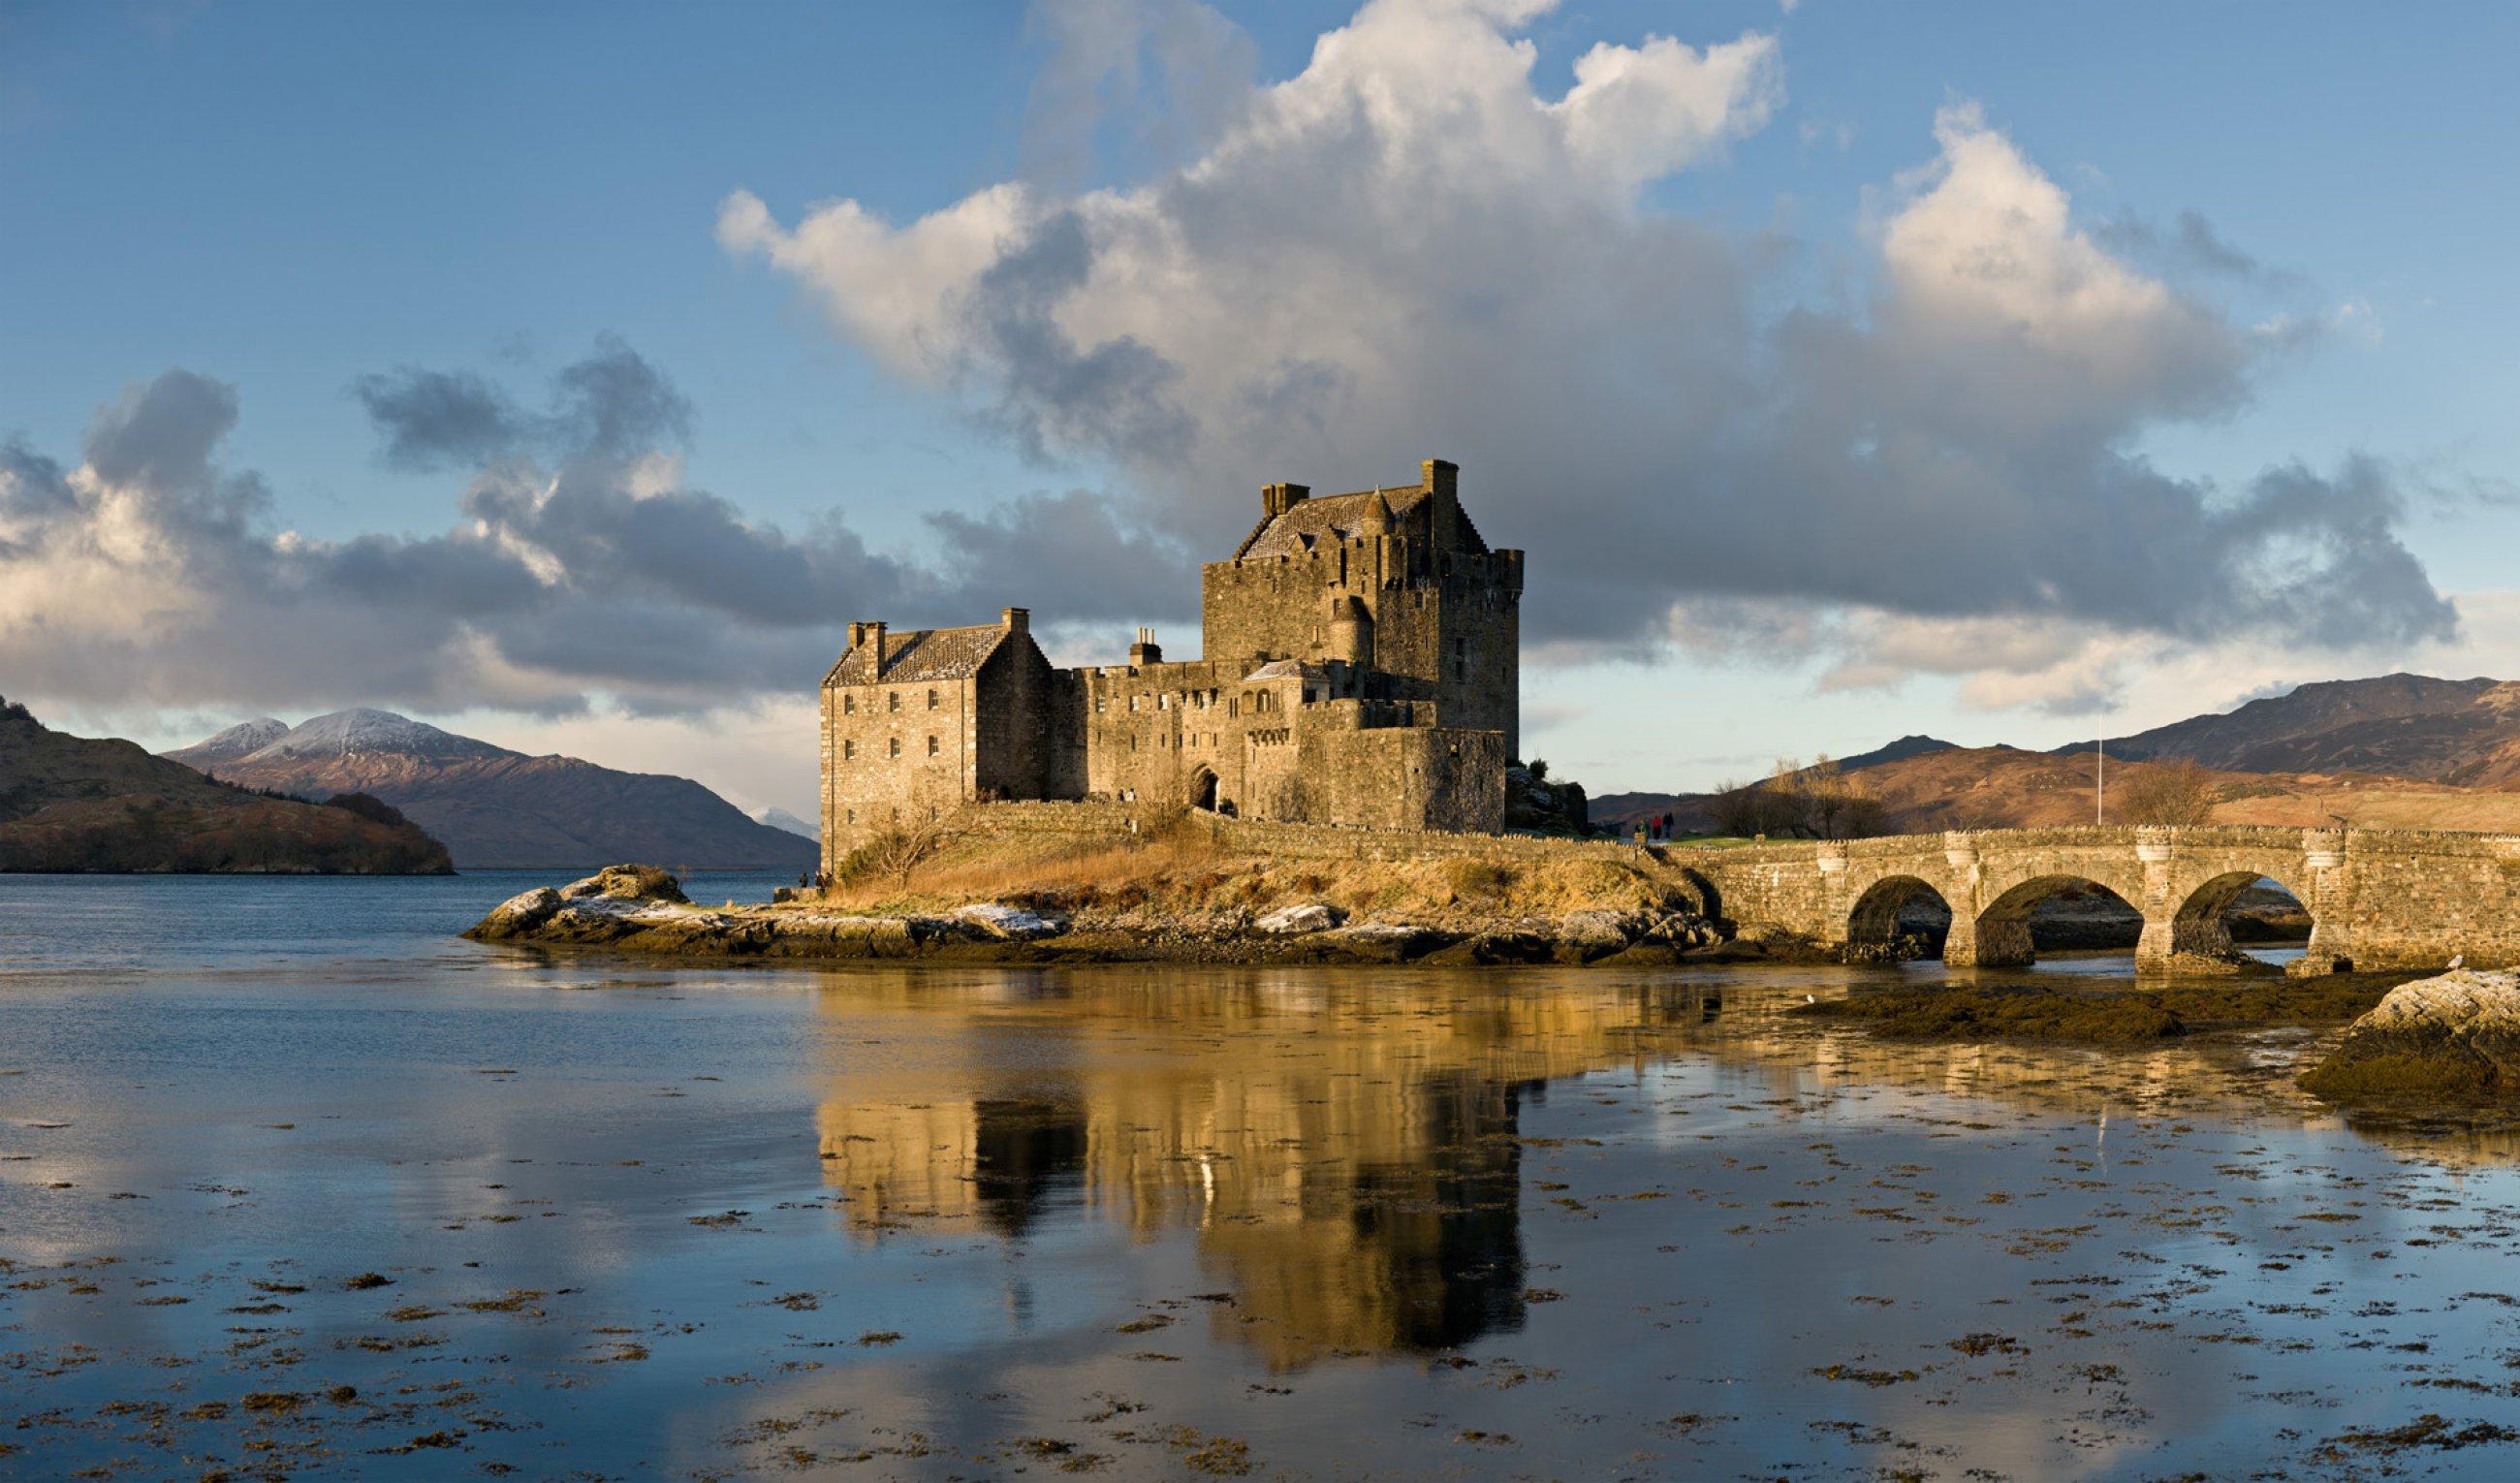 https://bubo.sk/uploads/galleries/5046/wikipedia-eilean-donan-castle-scotland-jan-2011.jpg